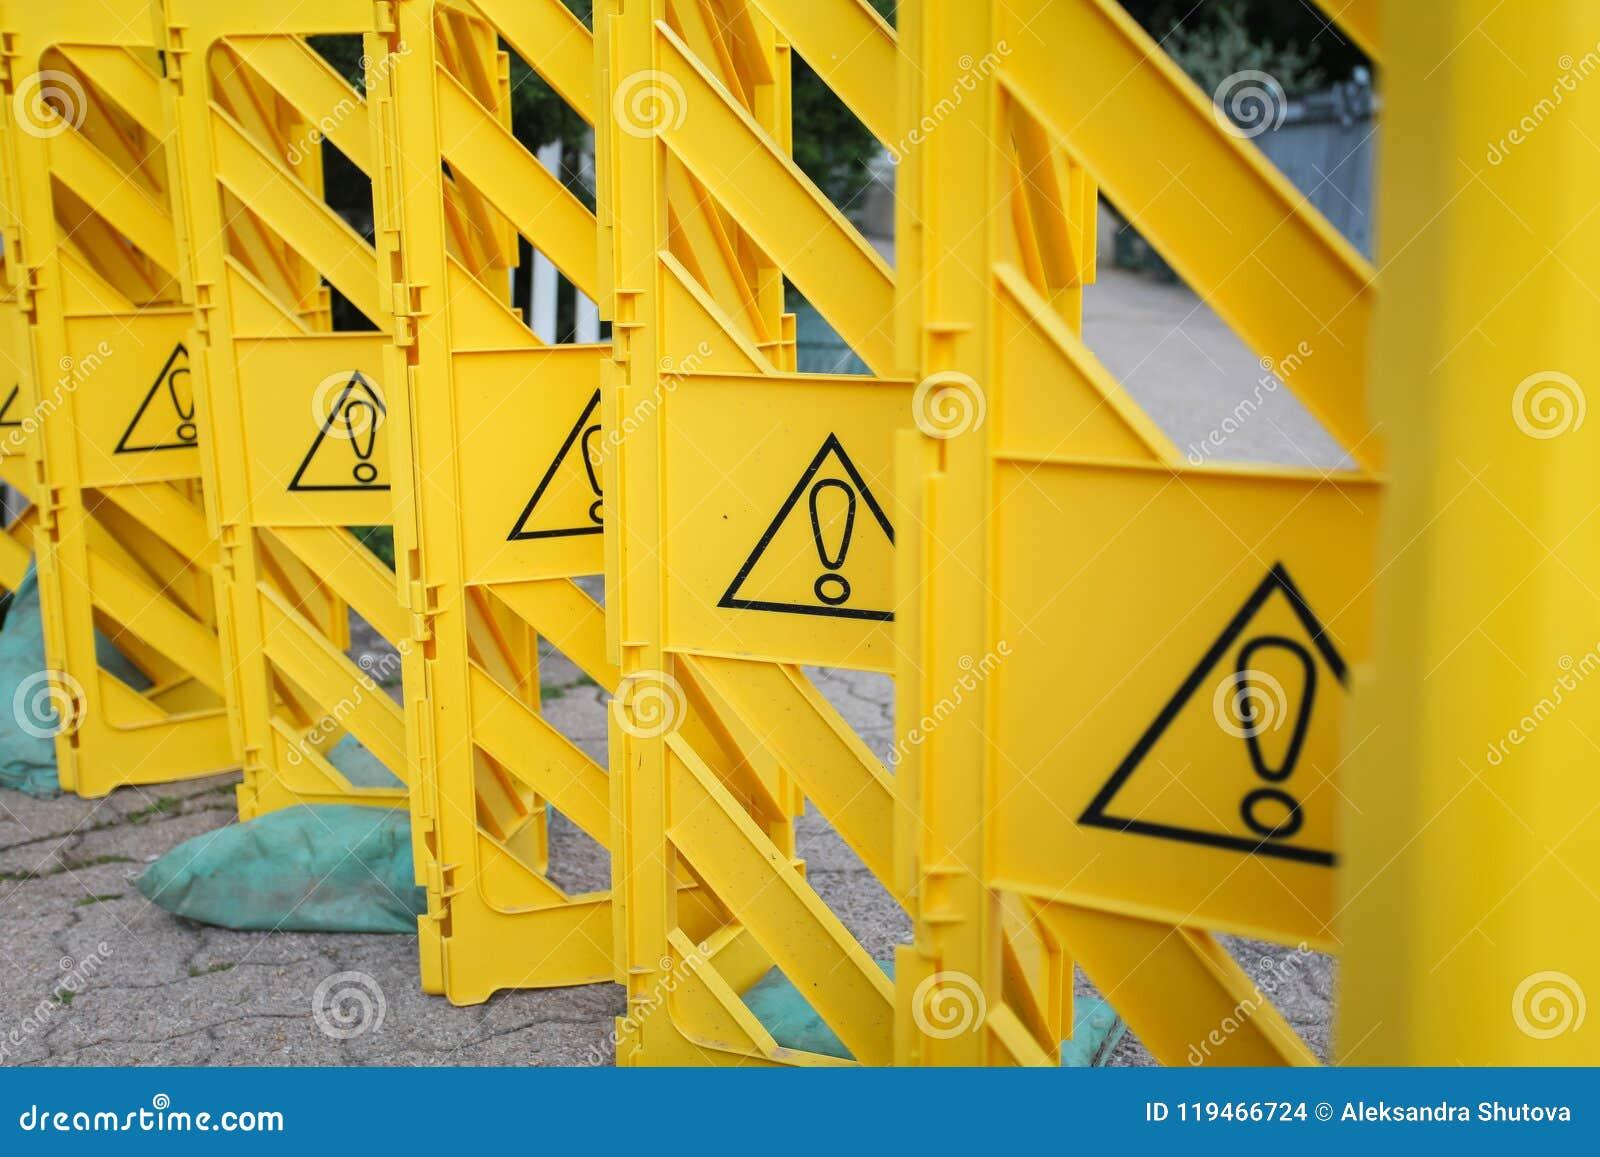 Ο κίτρινος πλαστικός φράκτης με τα σημάδια θαυμαστικών, έννοια της απαγόρευσης, δίνει την προσοχή